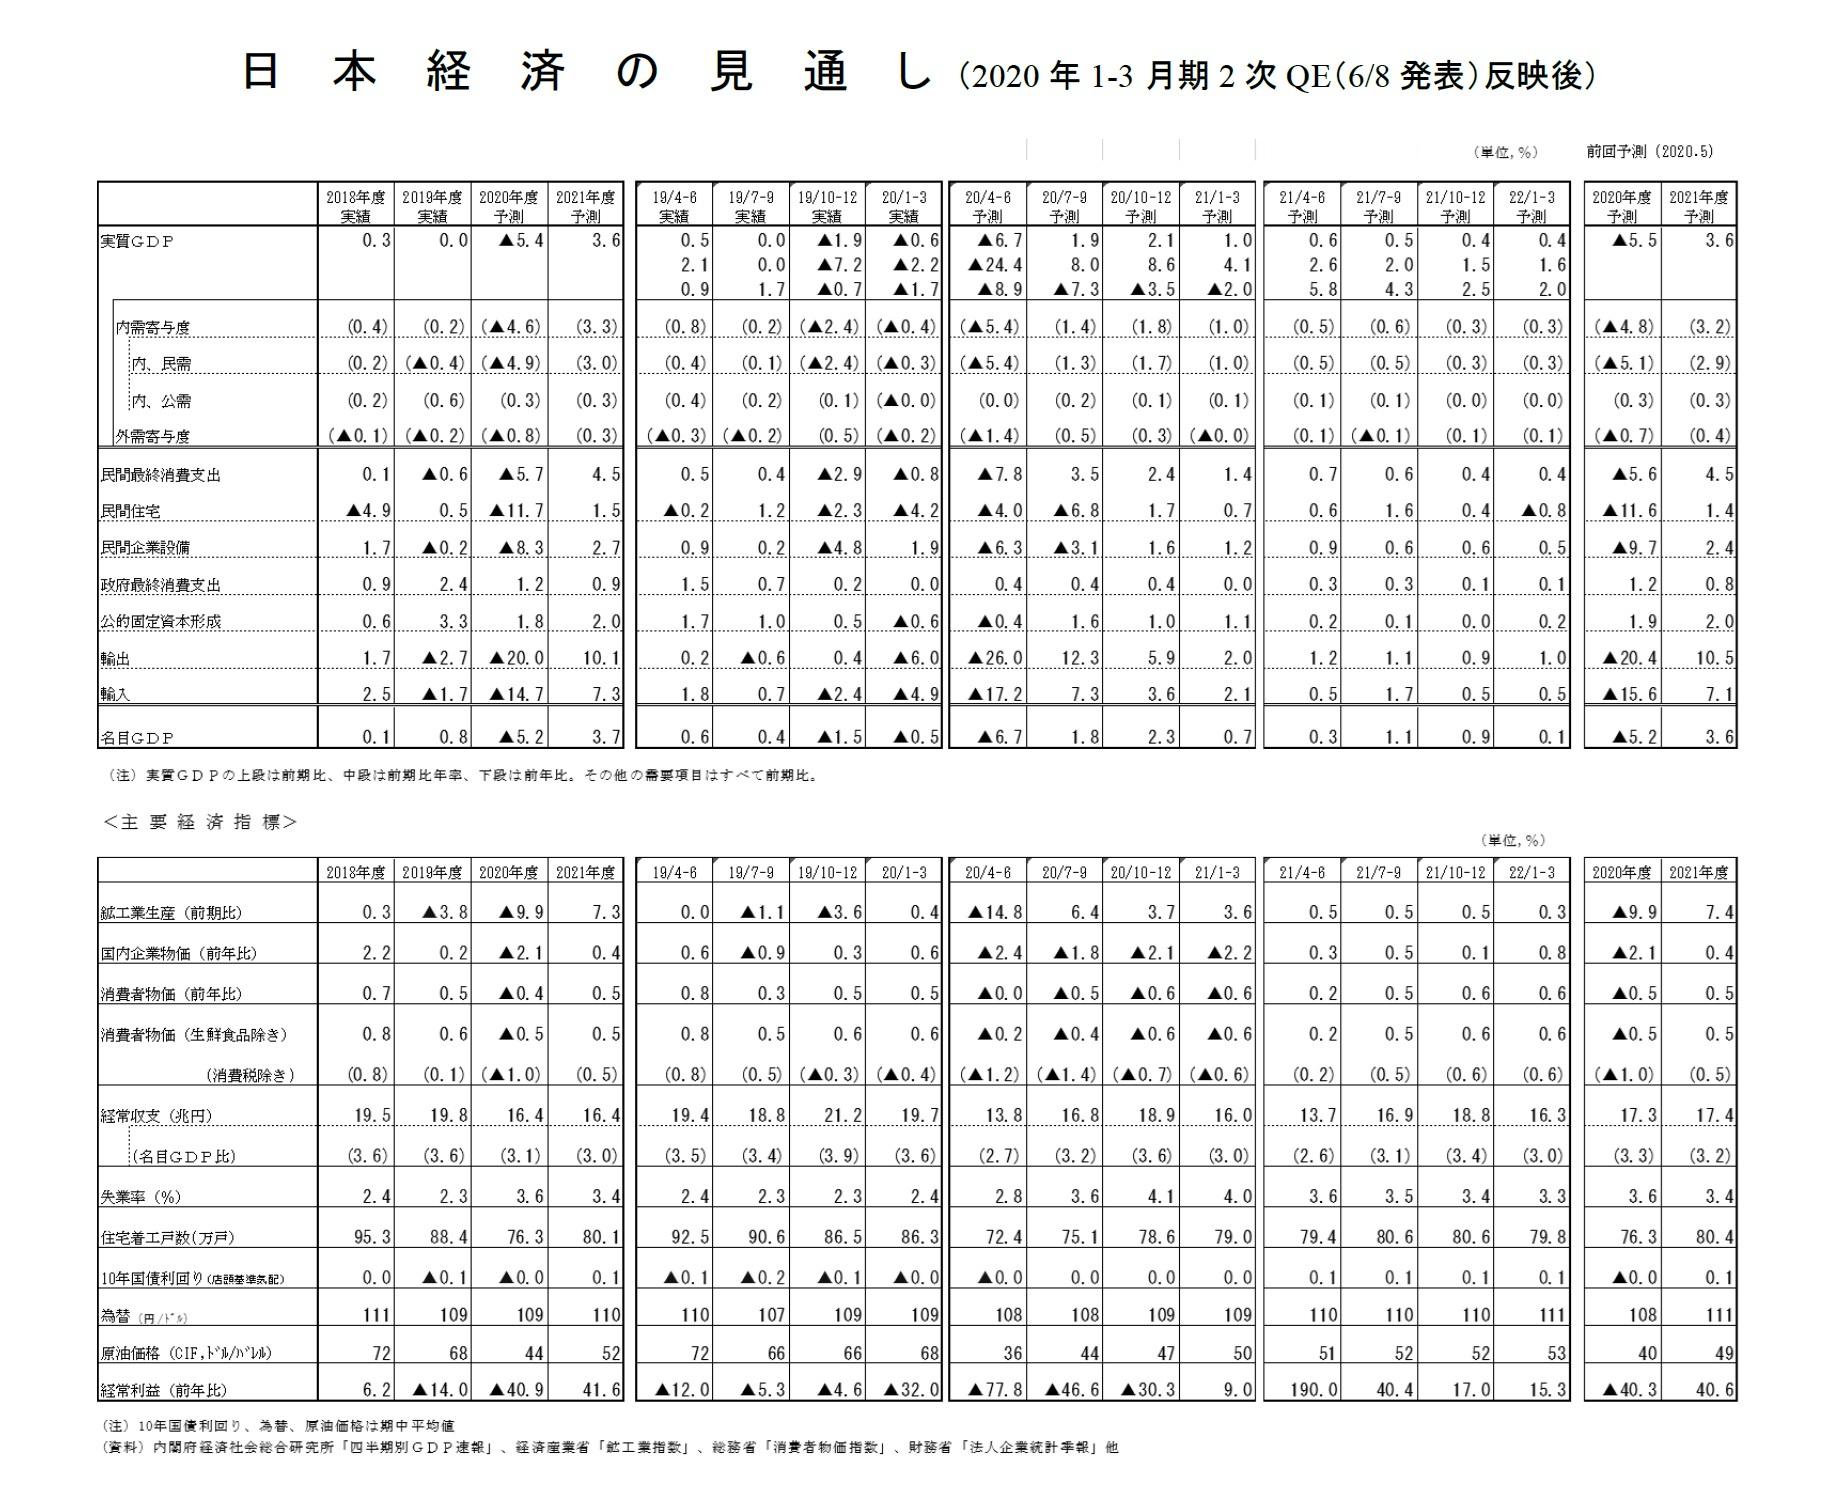 日本経済の見通し(2020年1-3月期2次QE(6/8発表)反映後)